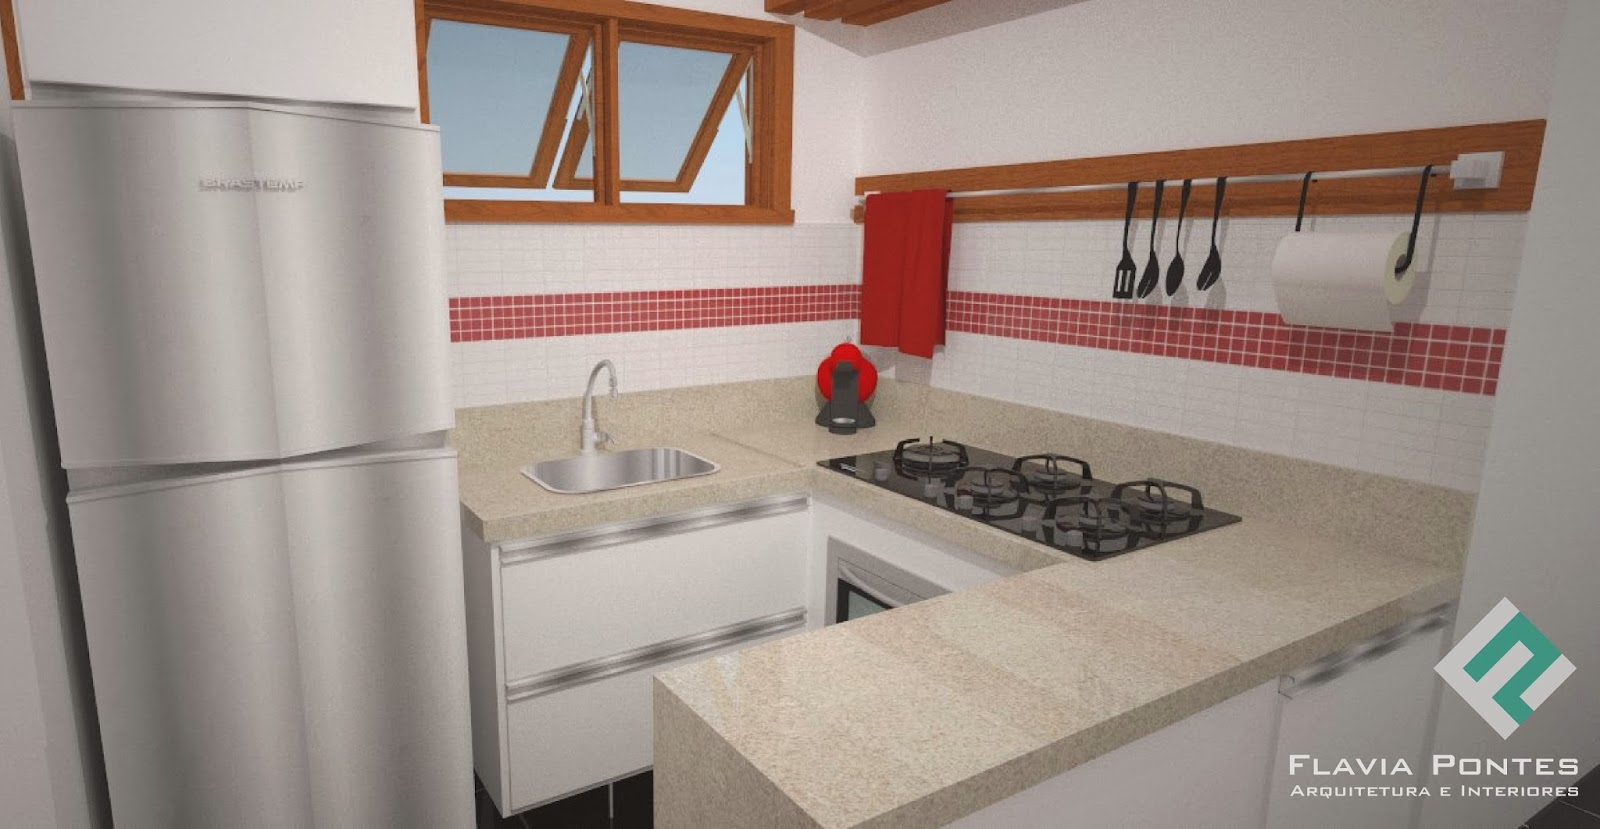 Cozinha Em Ilha Dimensoes Cozinha Em L Com Ilha Gourmet Cozinha Em